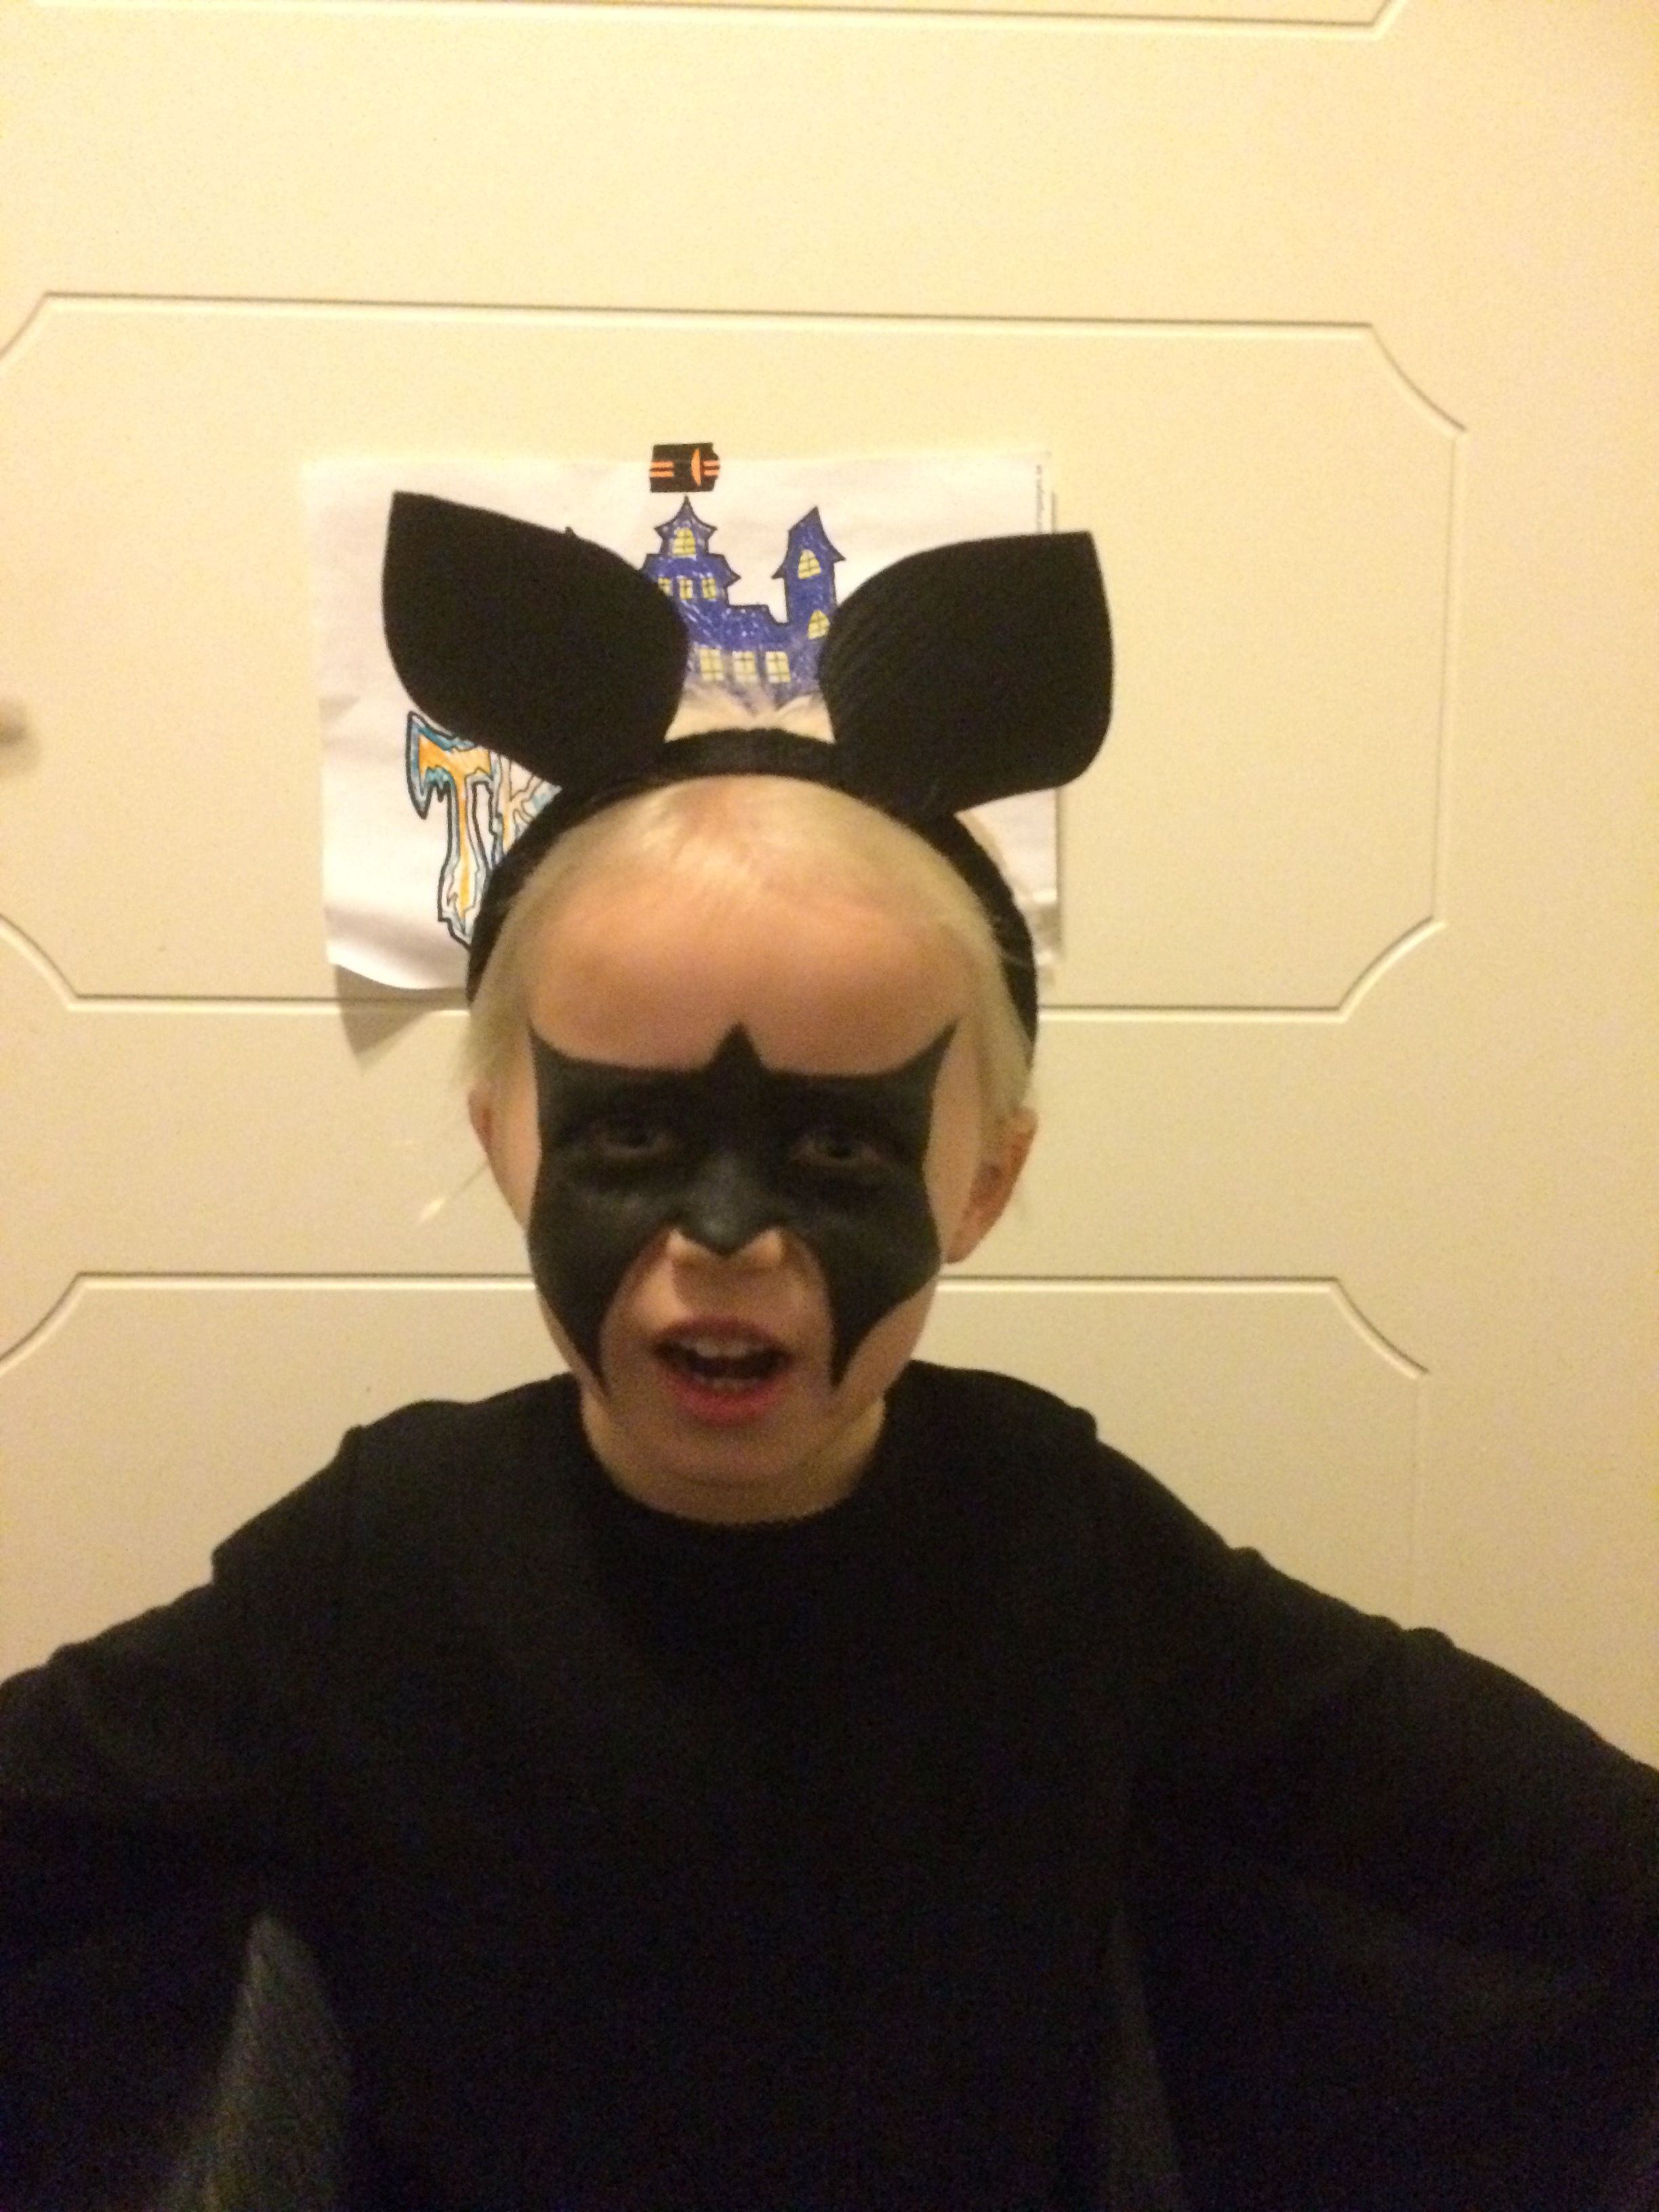 Maskerad utklädd fladdermus bat ansiktsmålning diy crafts pyssel ... 9f74a693a7123